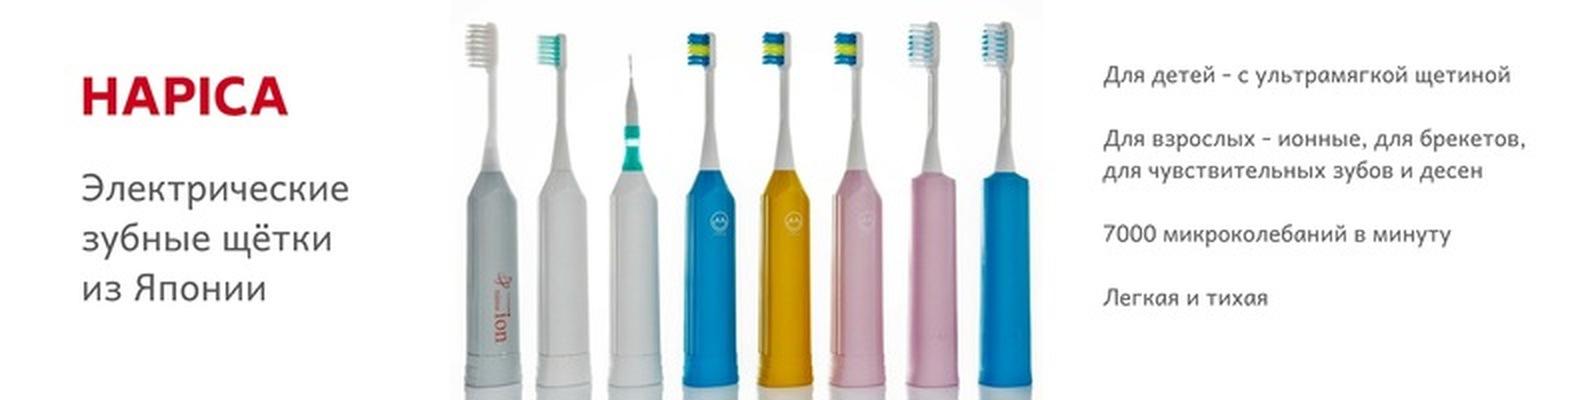 Электрическая зубная щетка с aliexpress